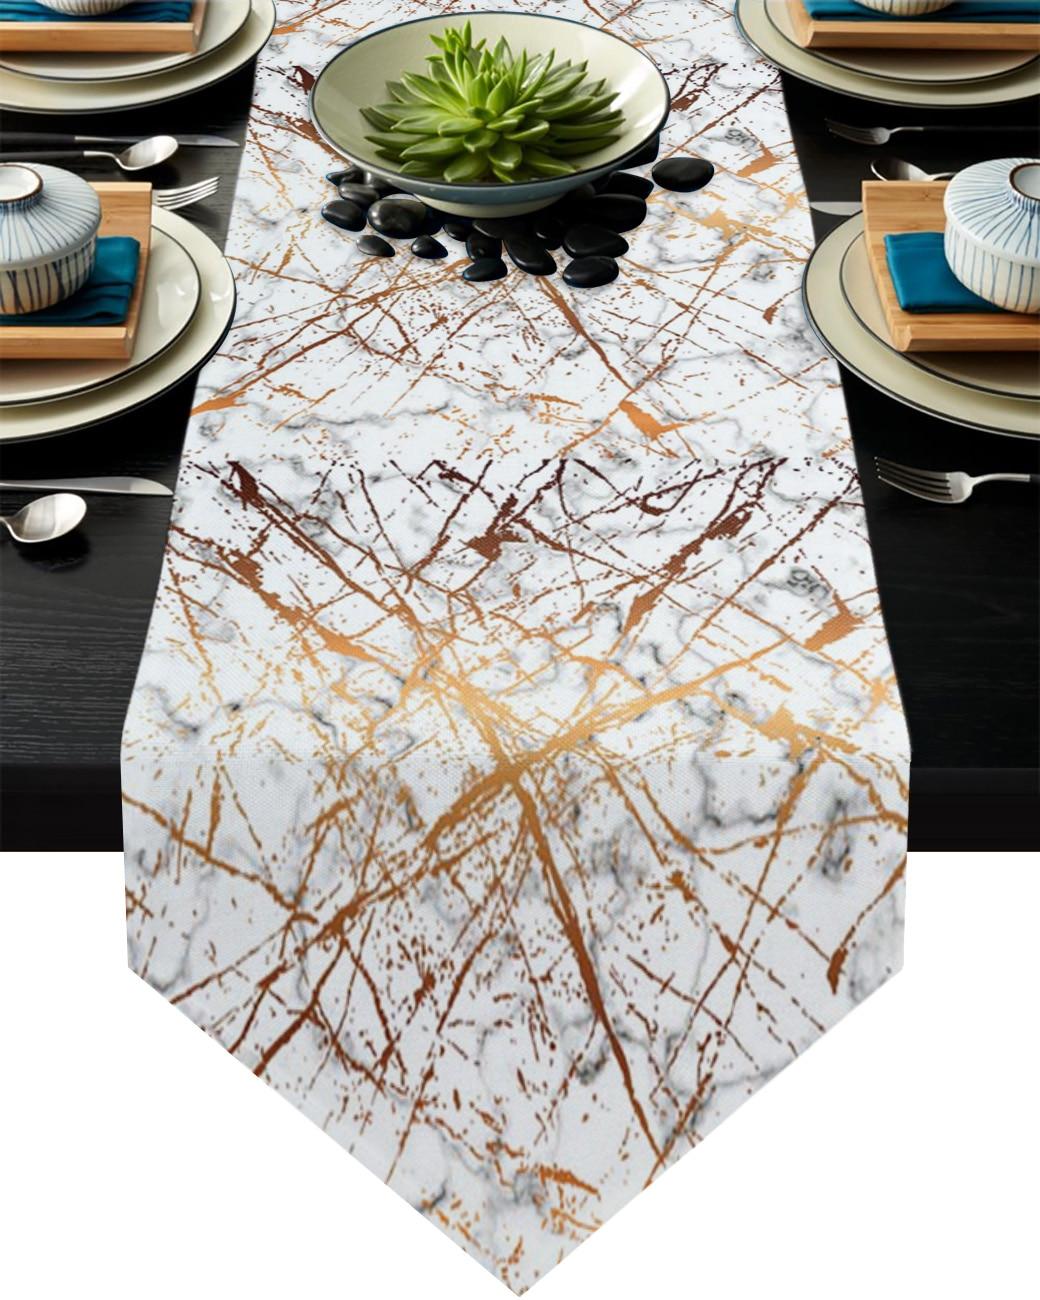 مفرش طاولة رخام أبيض وأسود ، نمط الكراك ، زينة طاولة الزفاف ، زهرة ، كعكة ، ديكور طاولة طعام للمآدب